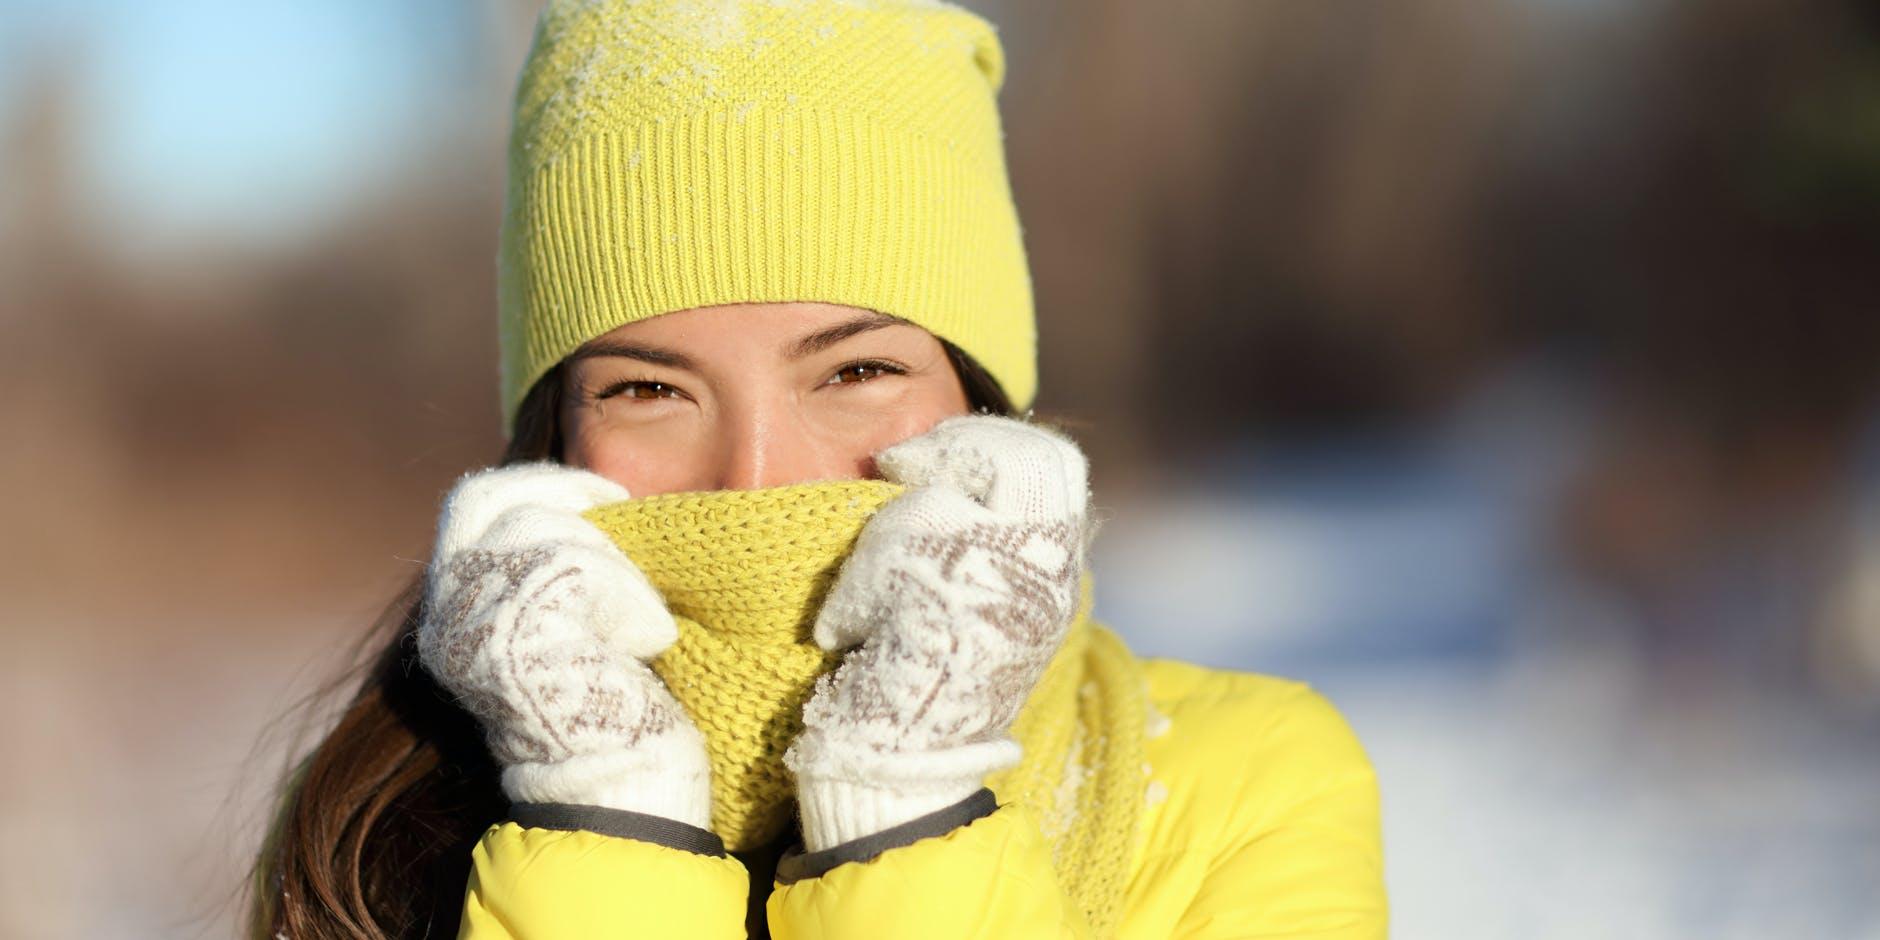 Une femme se couvre le nez avec son écharpe après avoir utilisé les remèdes recommandés contre la congestion nasale.